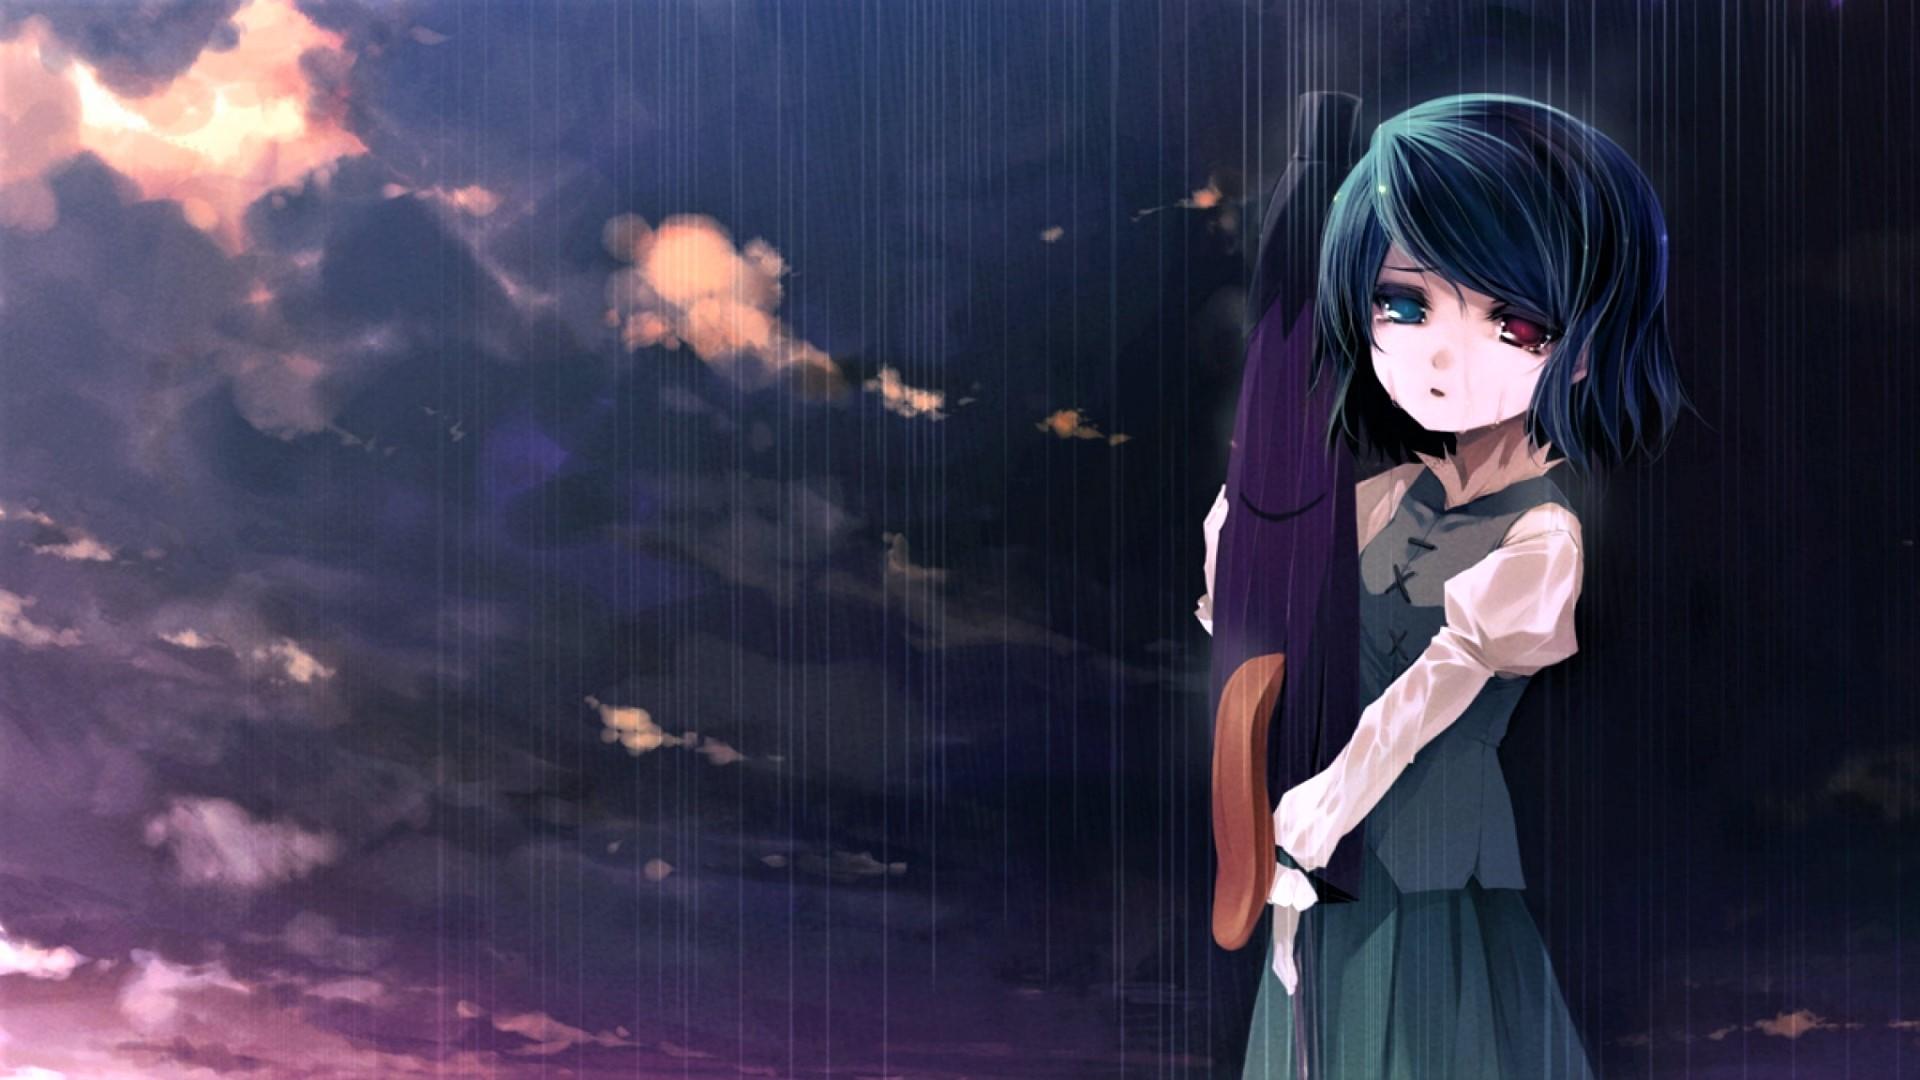 Sad Anime Girl In The Rain Hd Duvar Kağıdı Arka Plan 1920x1080